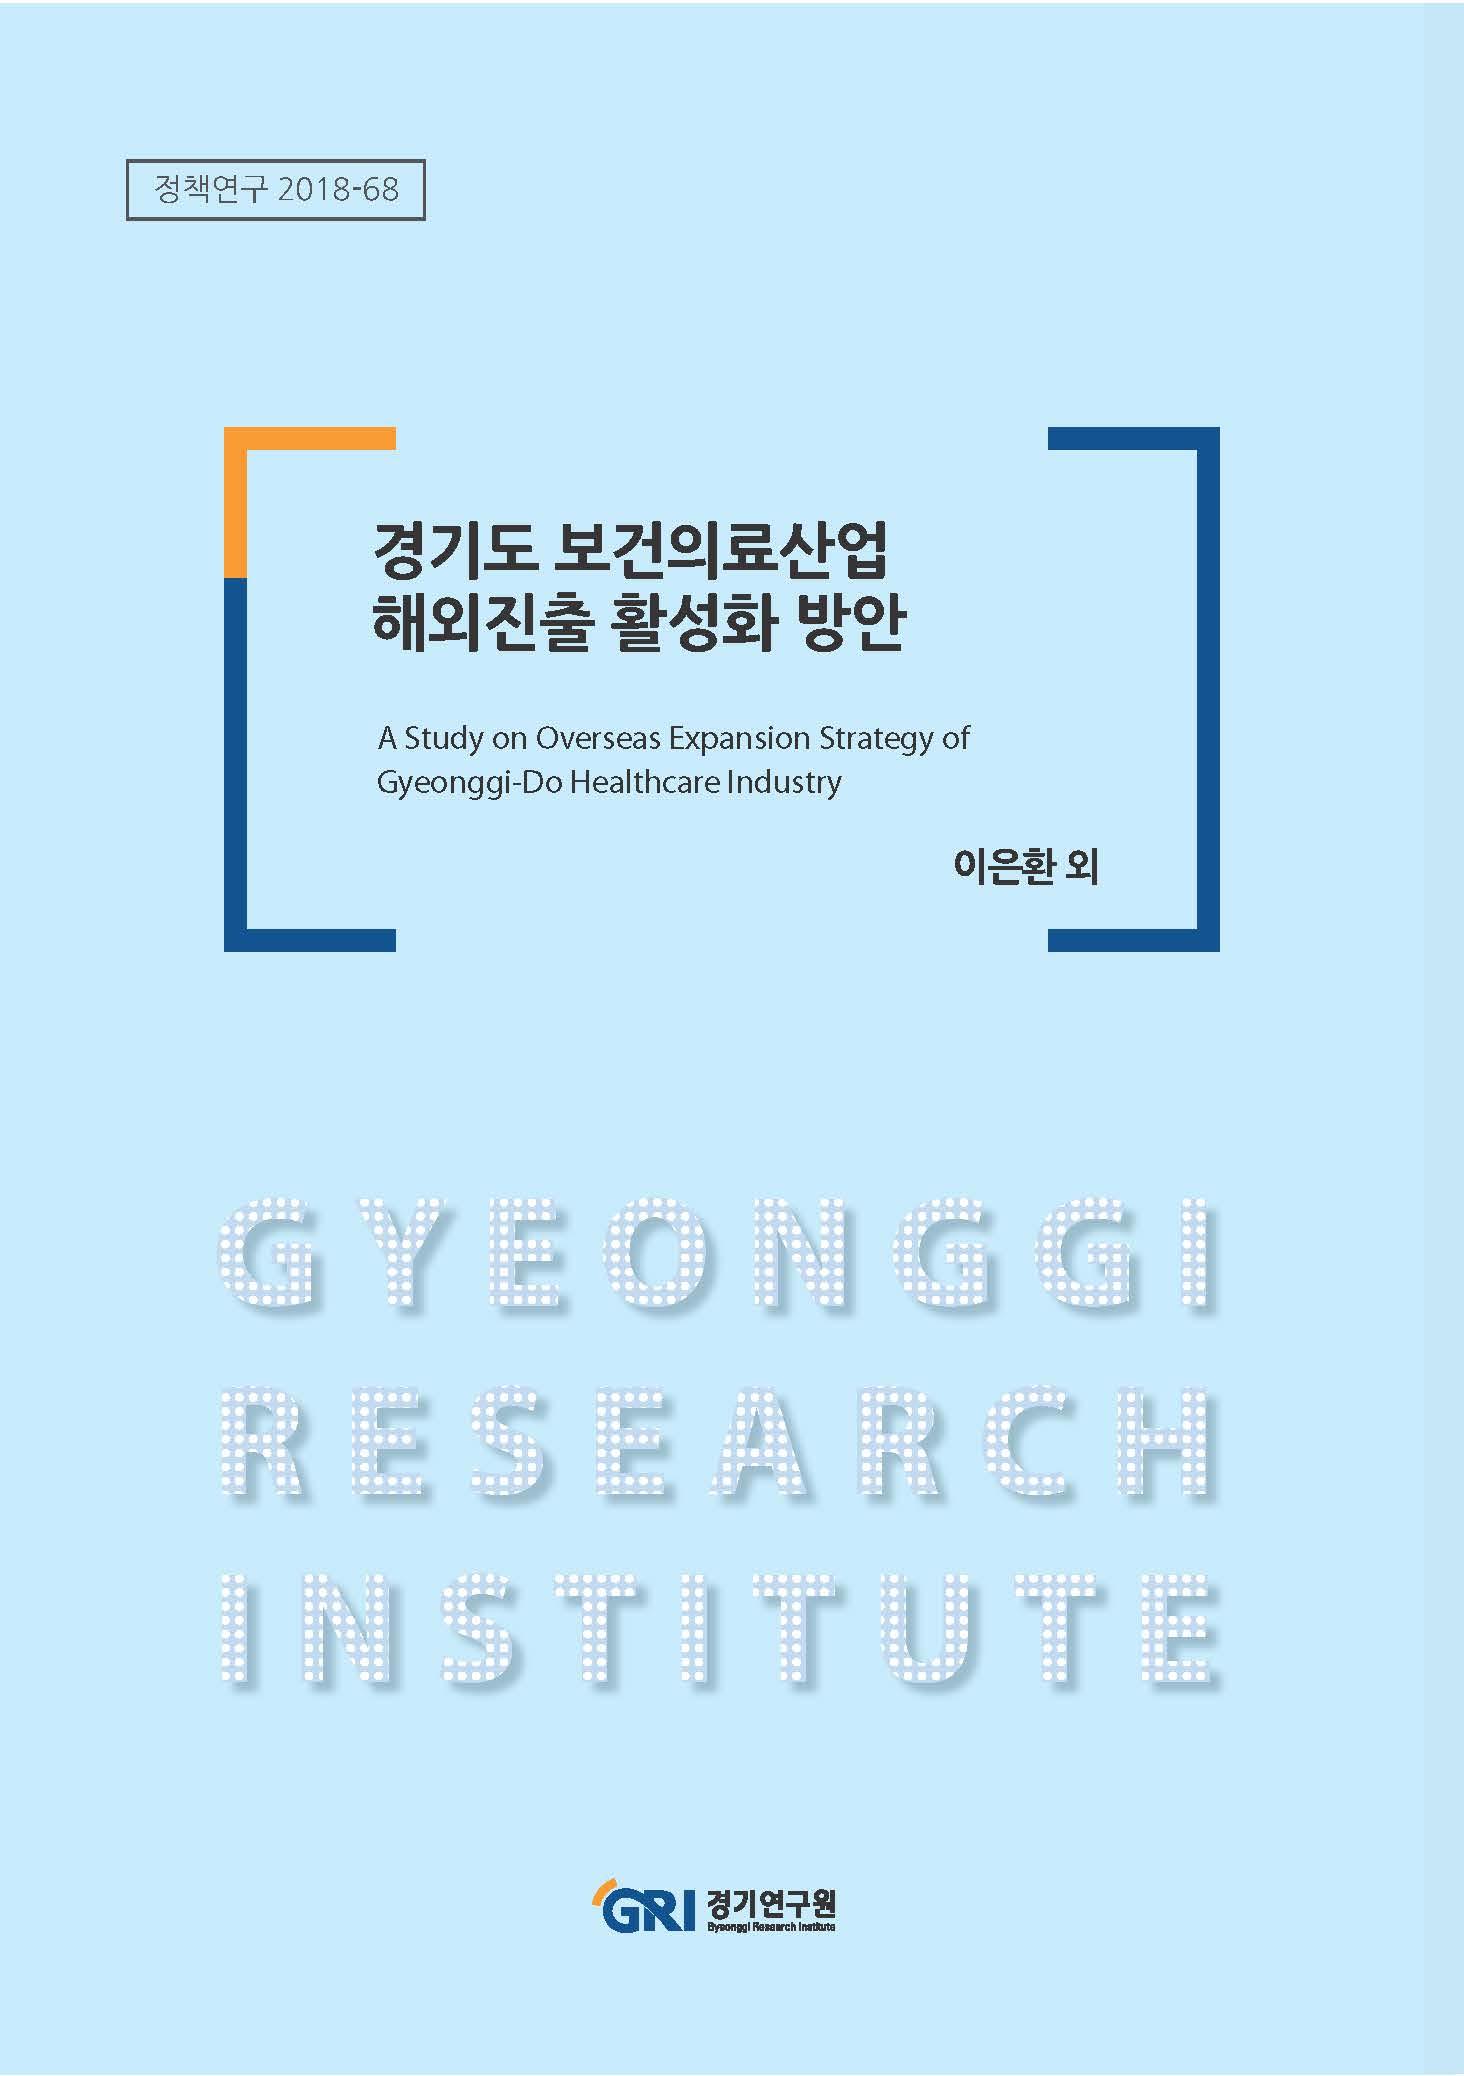 경기도 보건의료산업 해외진출 활성화 방안